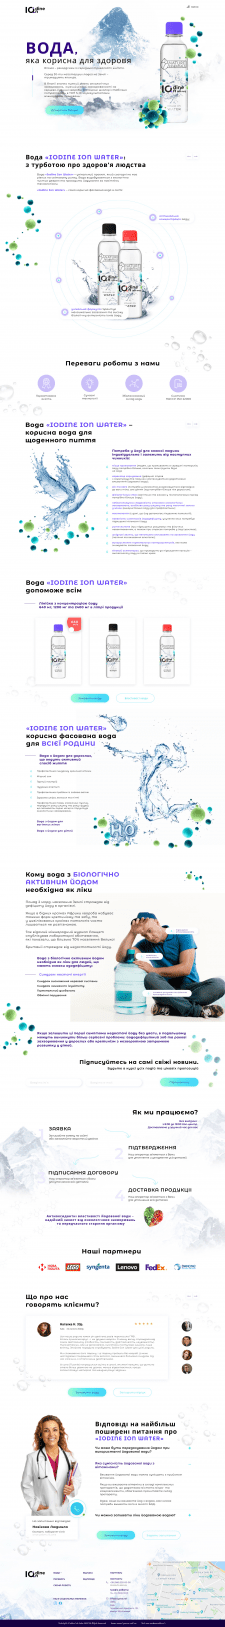 Iodine Ion Water